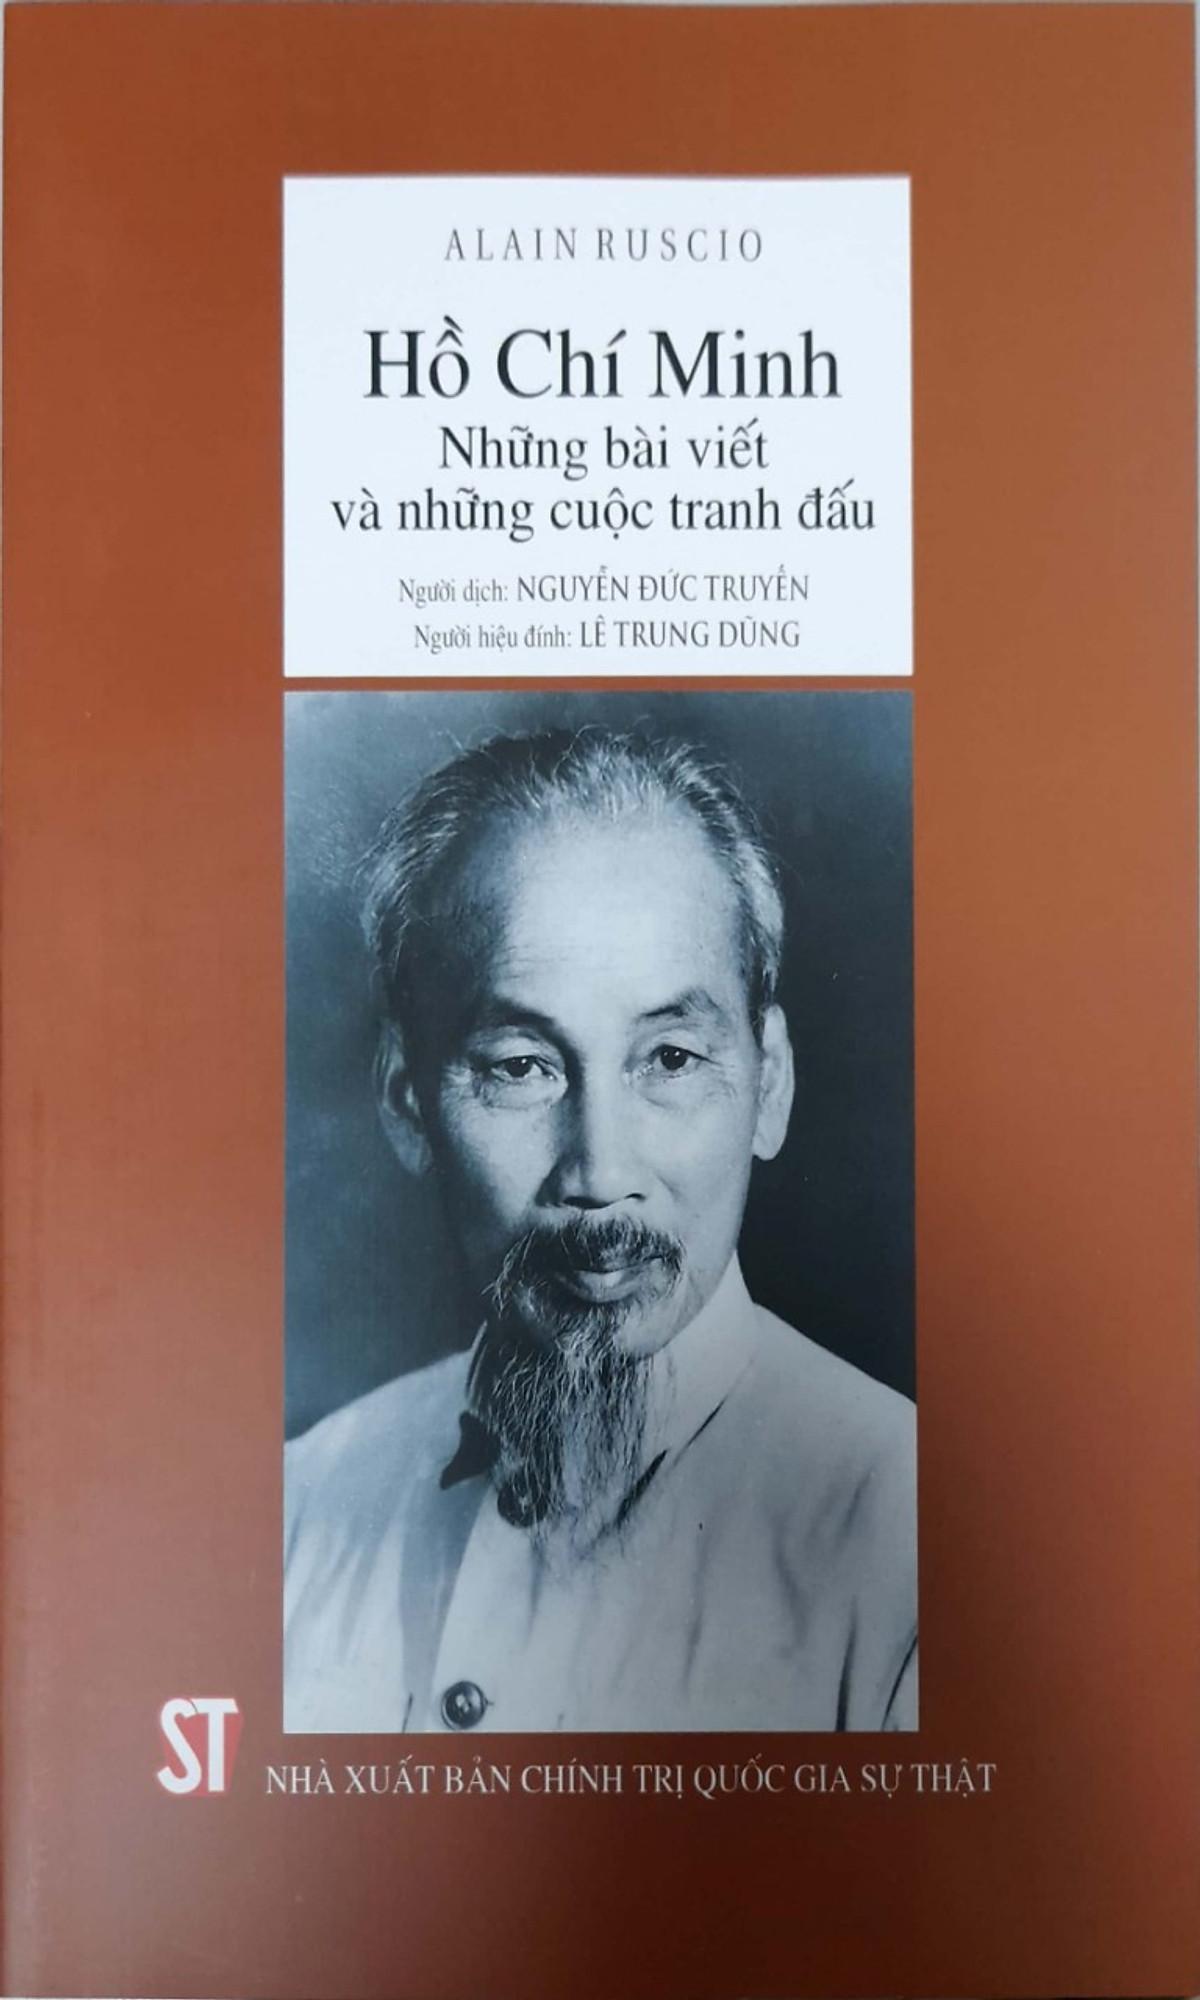 Hồ Chí Minh - Những bài viết và những cuộc tranh đấu